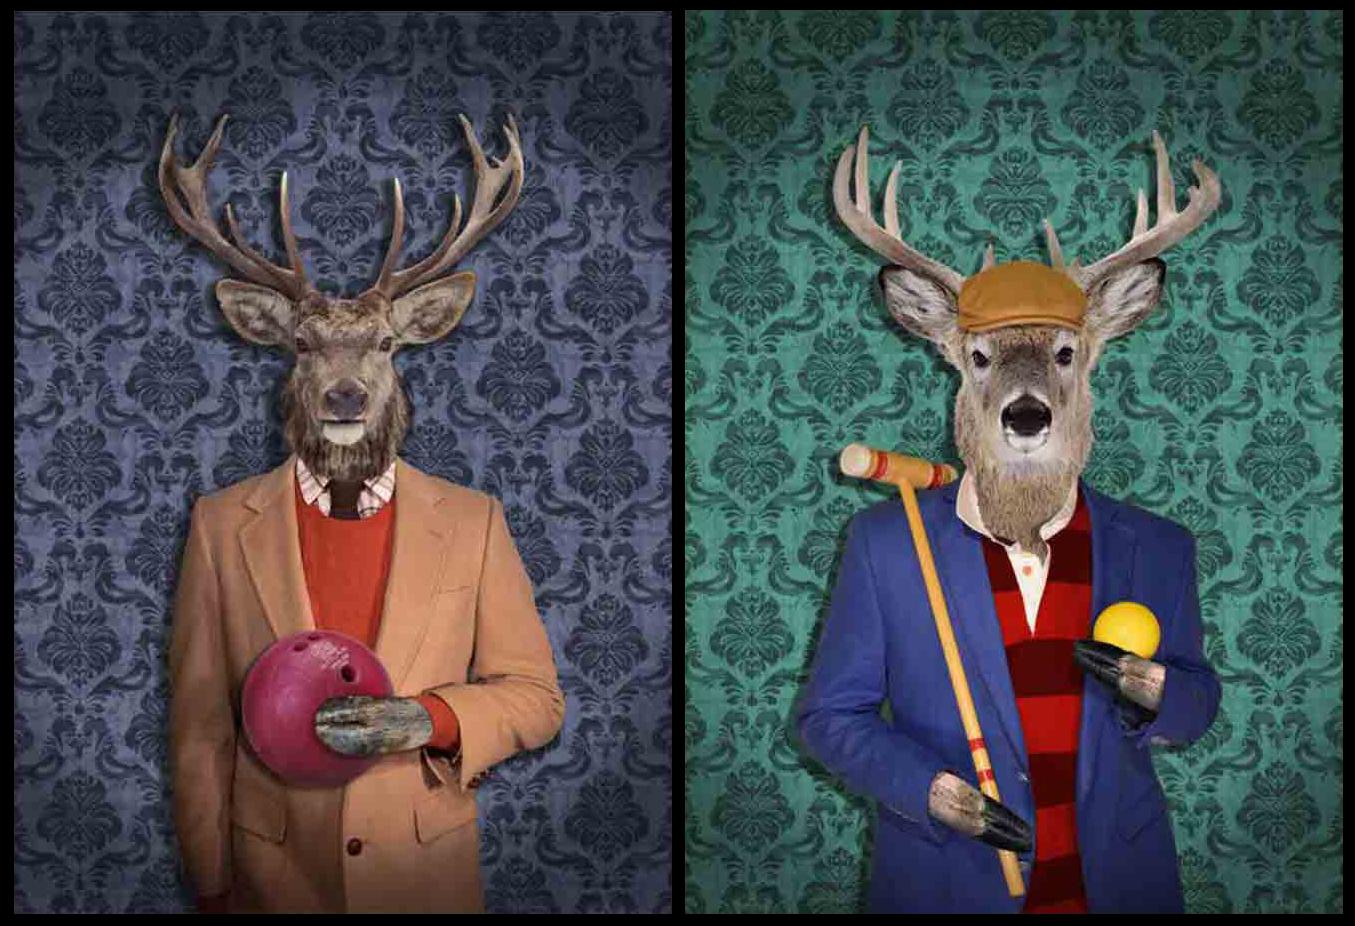 Elk-&-Deer-Images-(WEB-RES).jpg